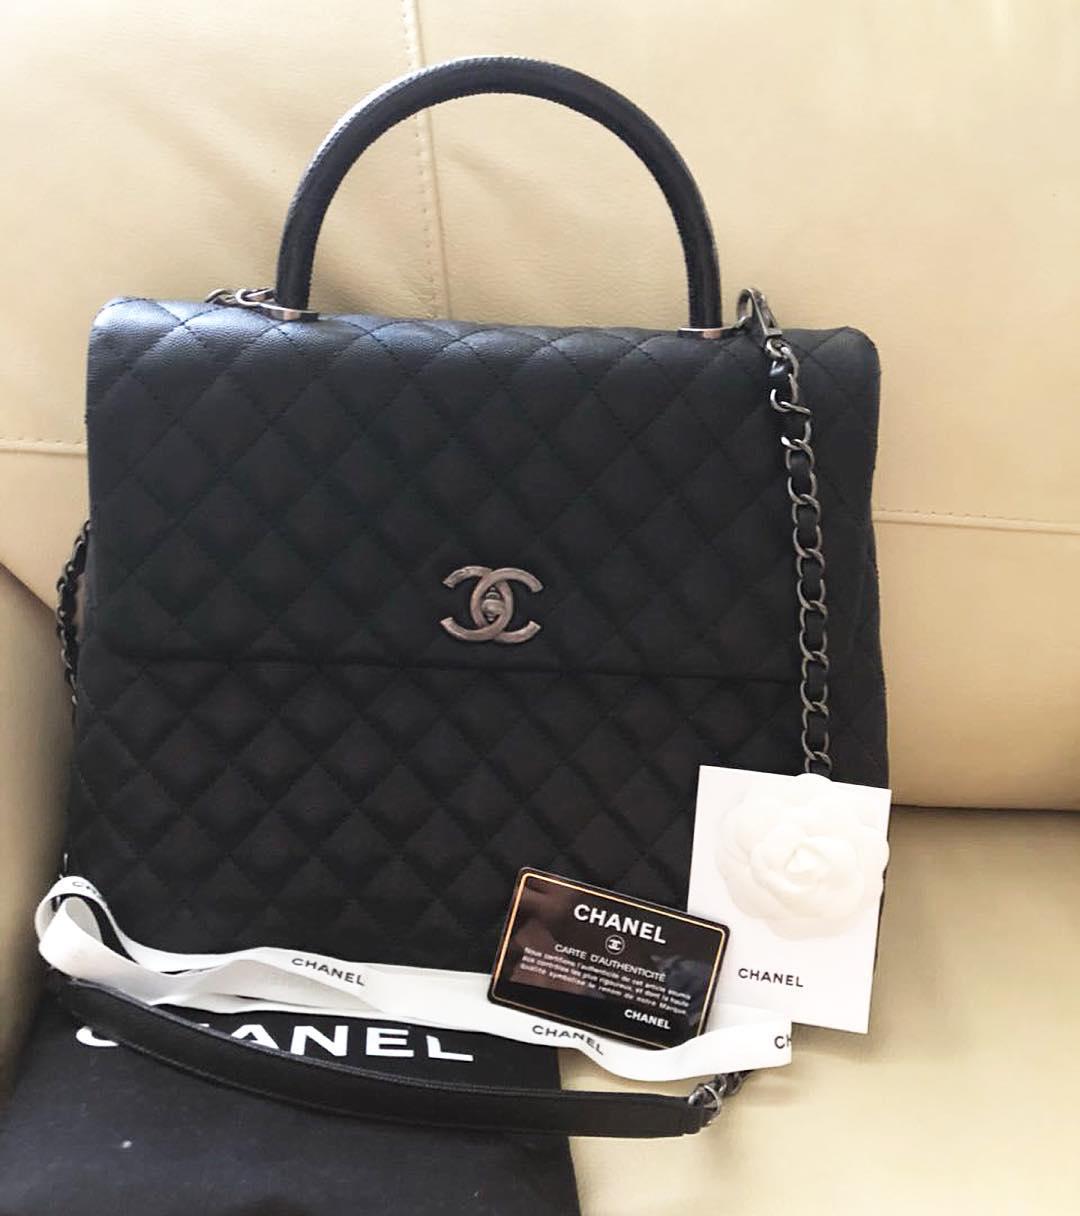 Купить среднюю сумку Chanel за 258750 руб. в интернет магазине ... de5b3e40b99